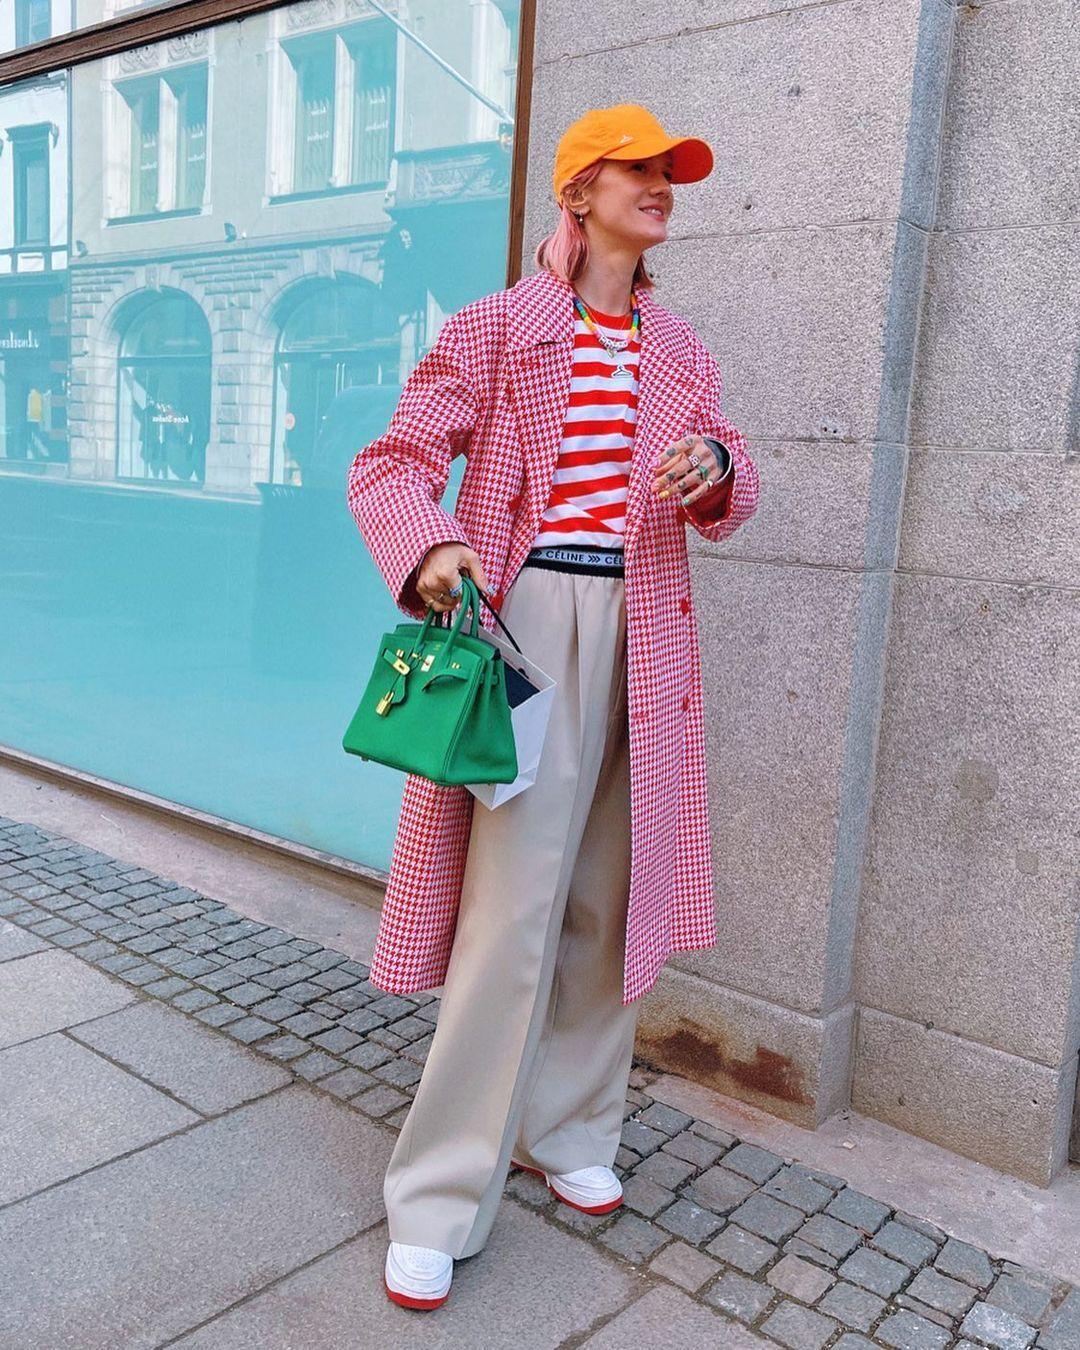 Широкі штани, вони ж палаццо в стилі Марлен Дітріх, – наймодніші брюки прийдешнього літа.